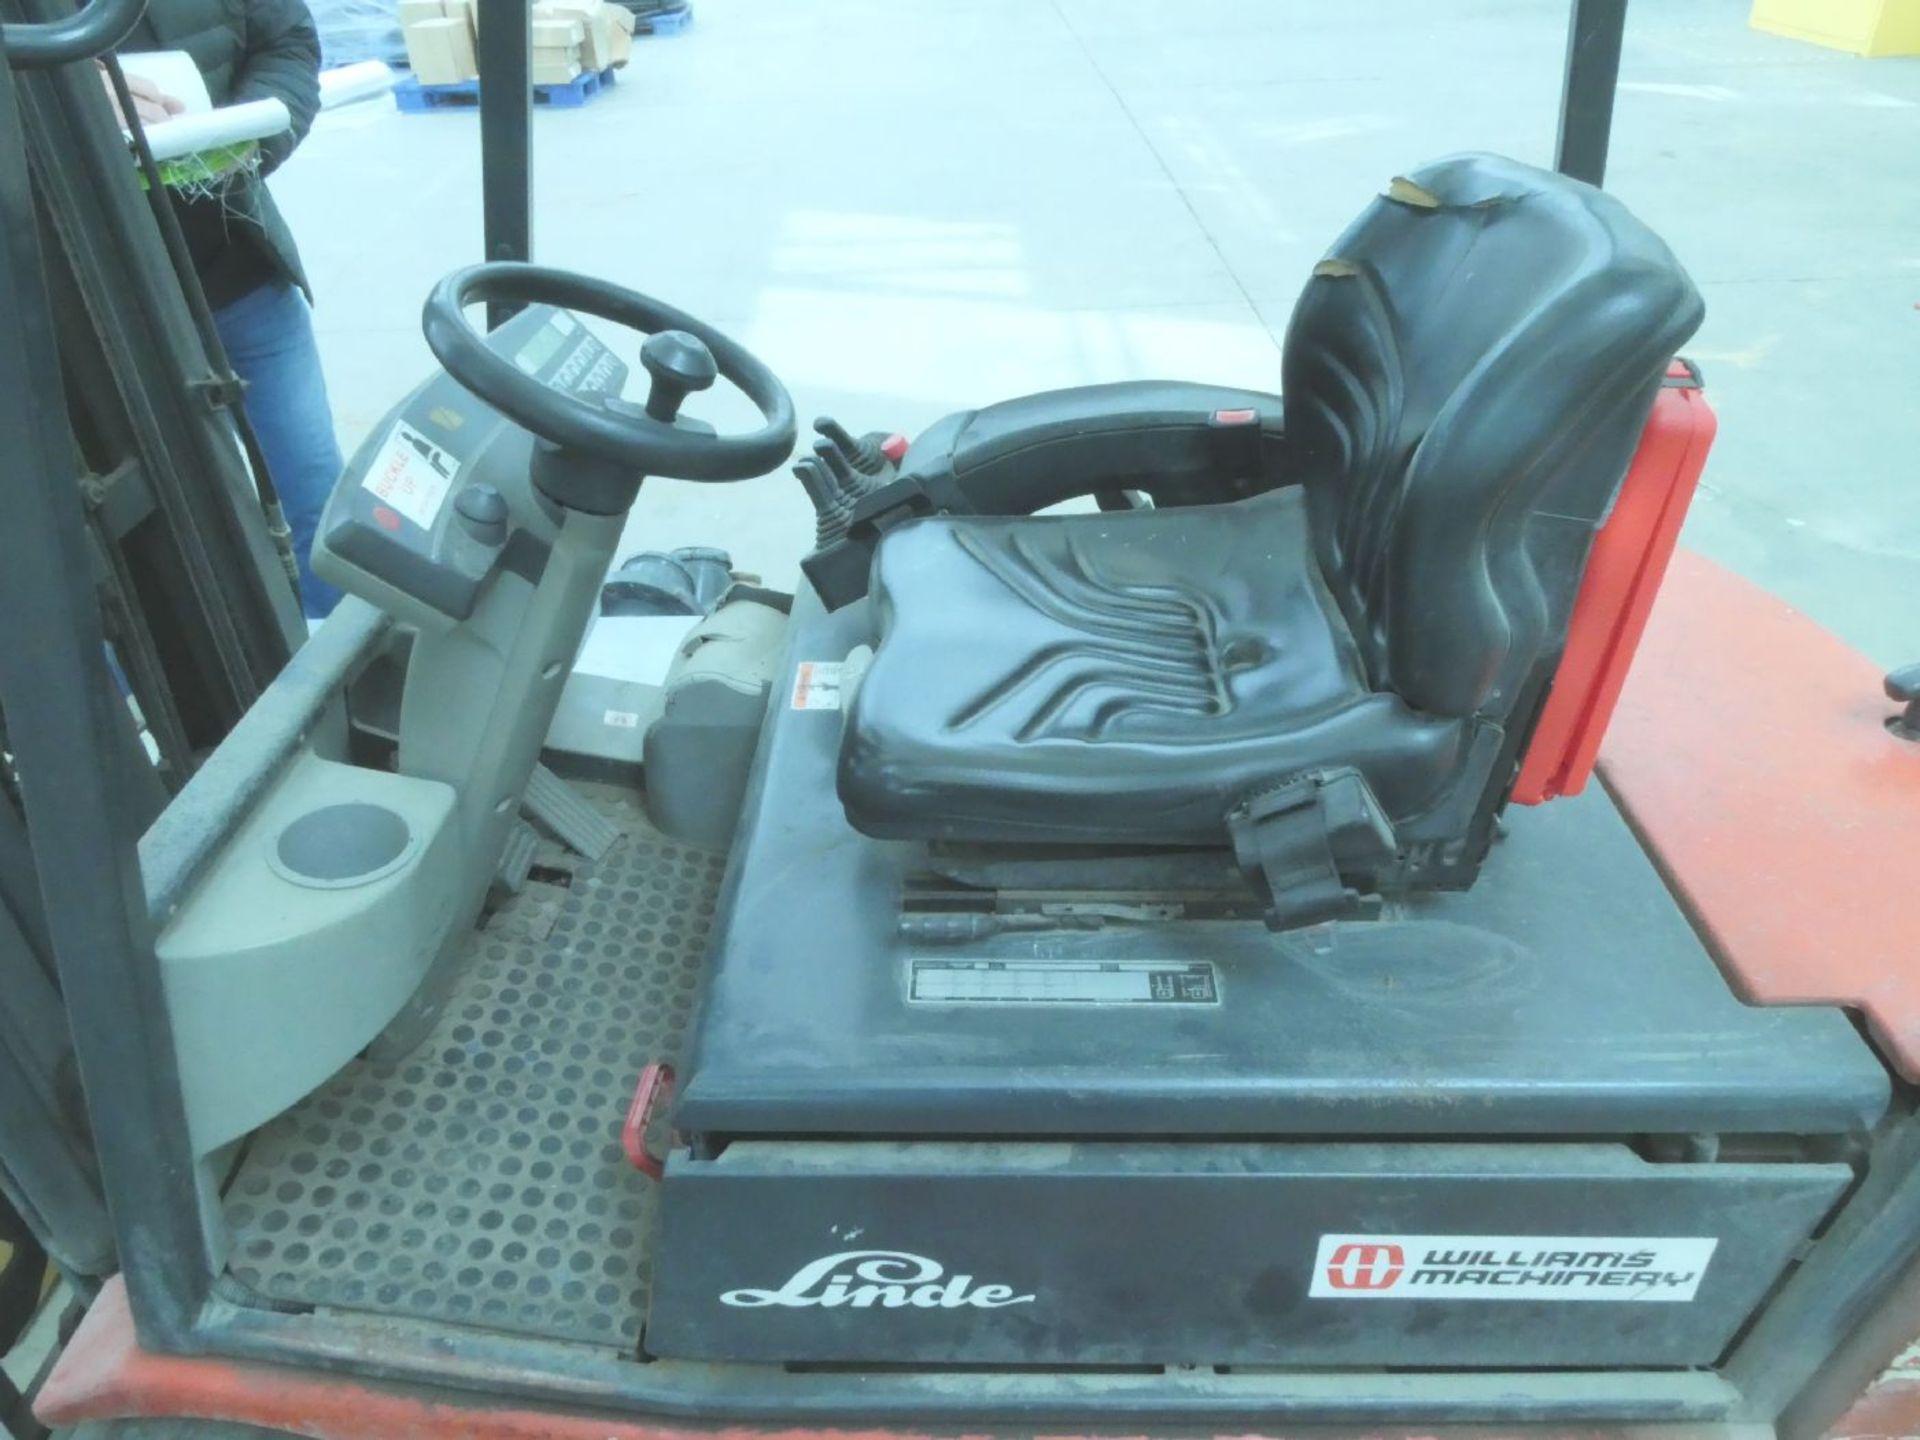 Linde ER18-AC 2600-Lb. Electric Fork Lift Truck - Image 2 of 6